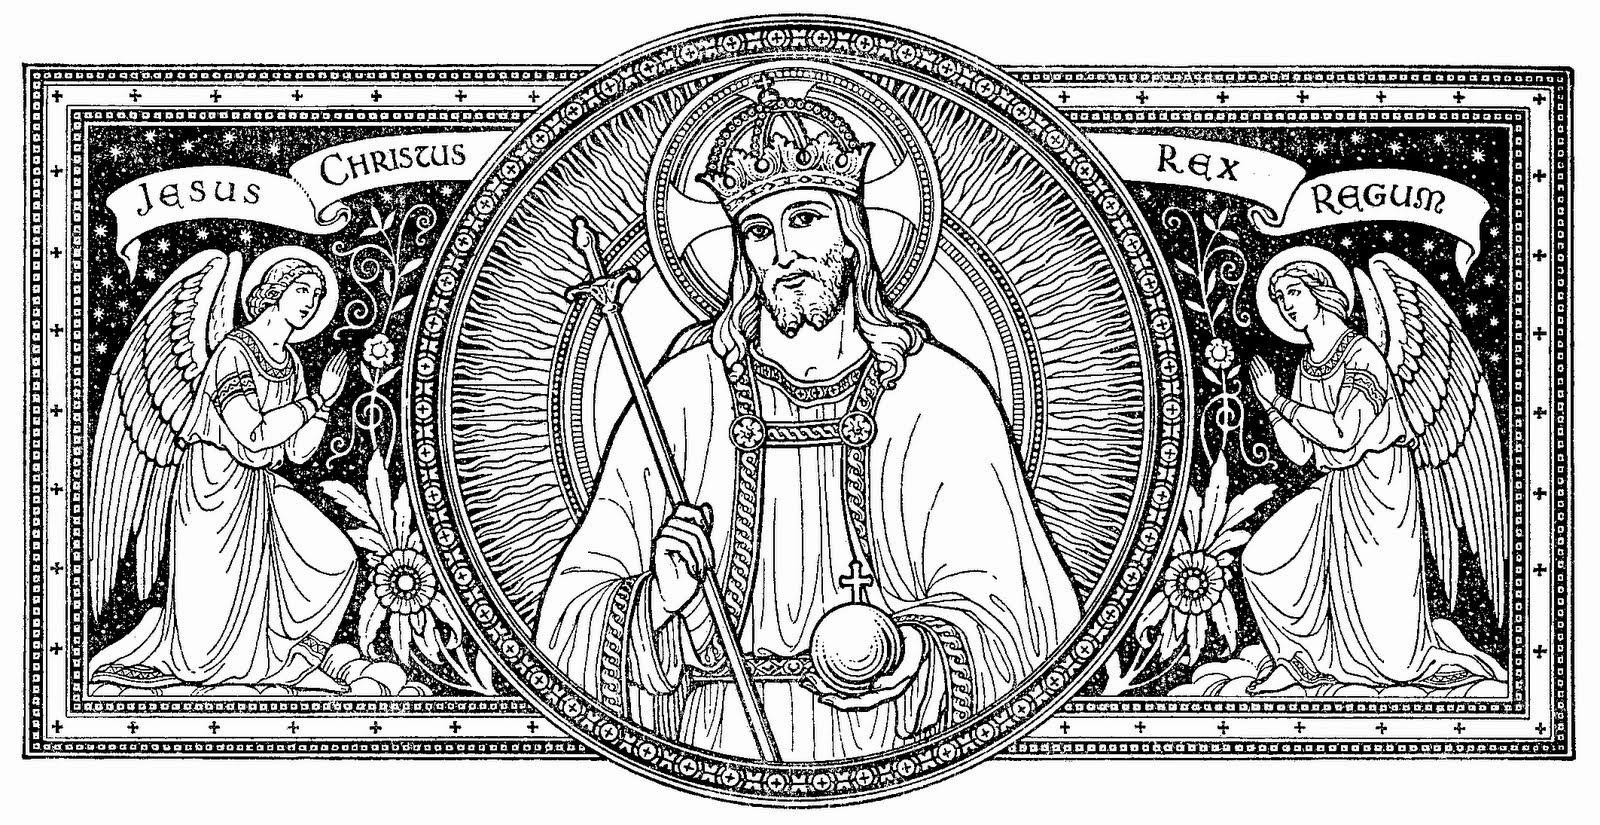 Điệp ca Habet in vestimento lễ Chúa Kitô Vua Vũ Trụ